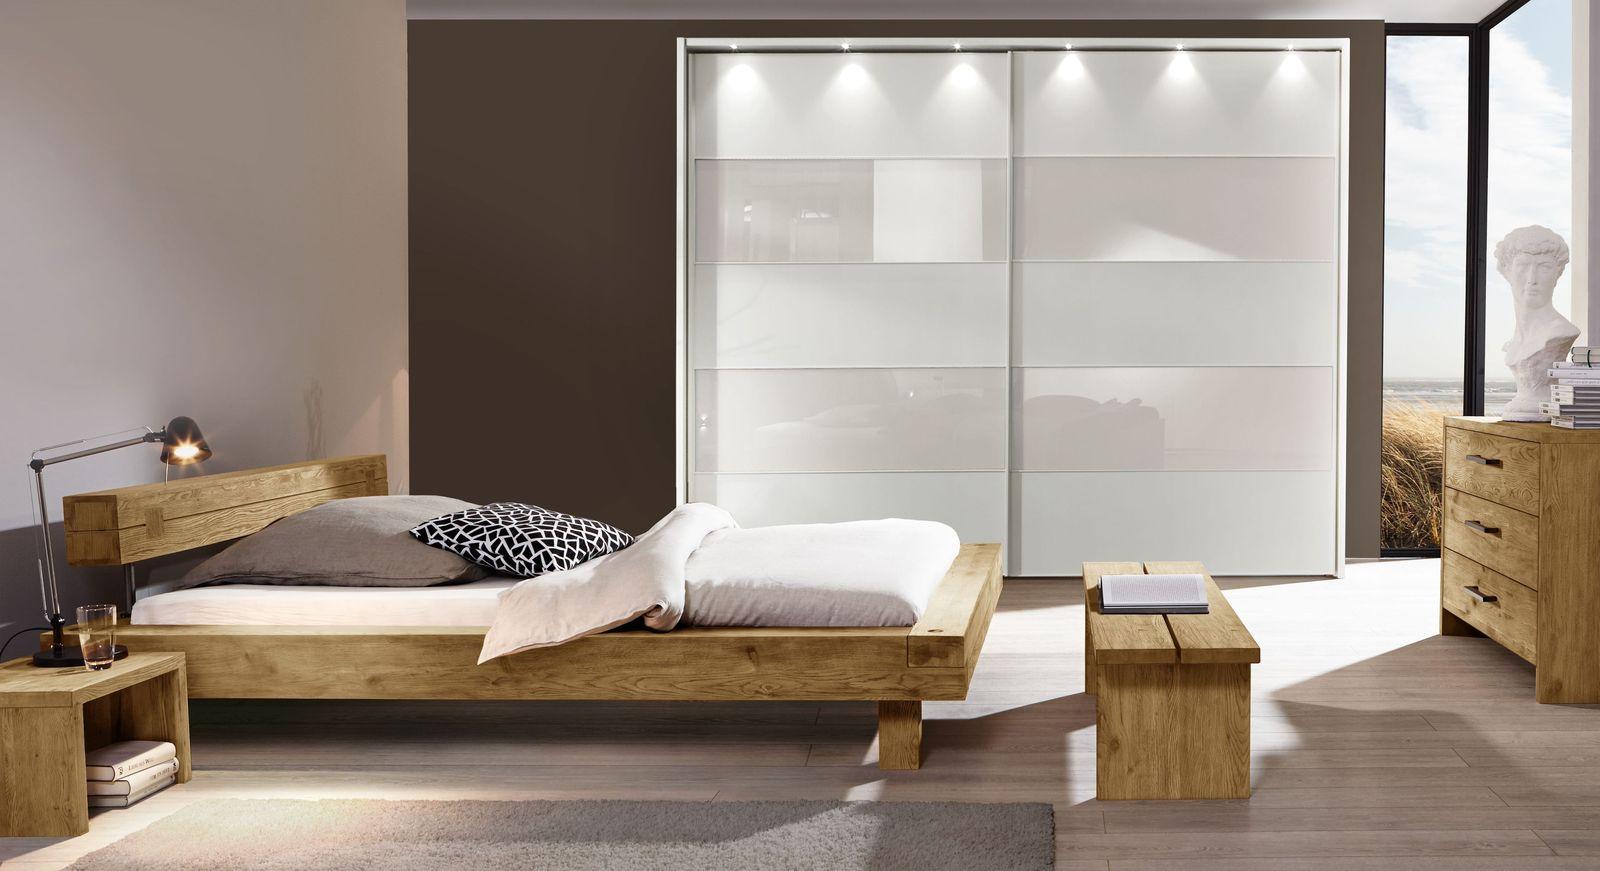 Komplett Schlafzimmer Mit Balkenbett Aus Wildeiche San Luis